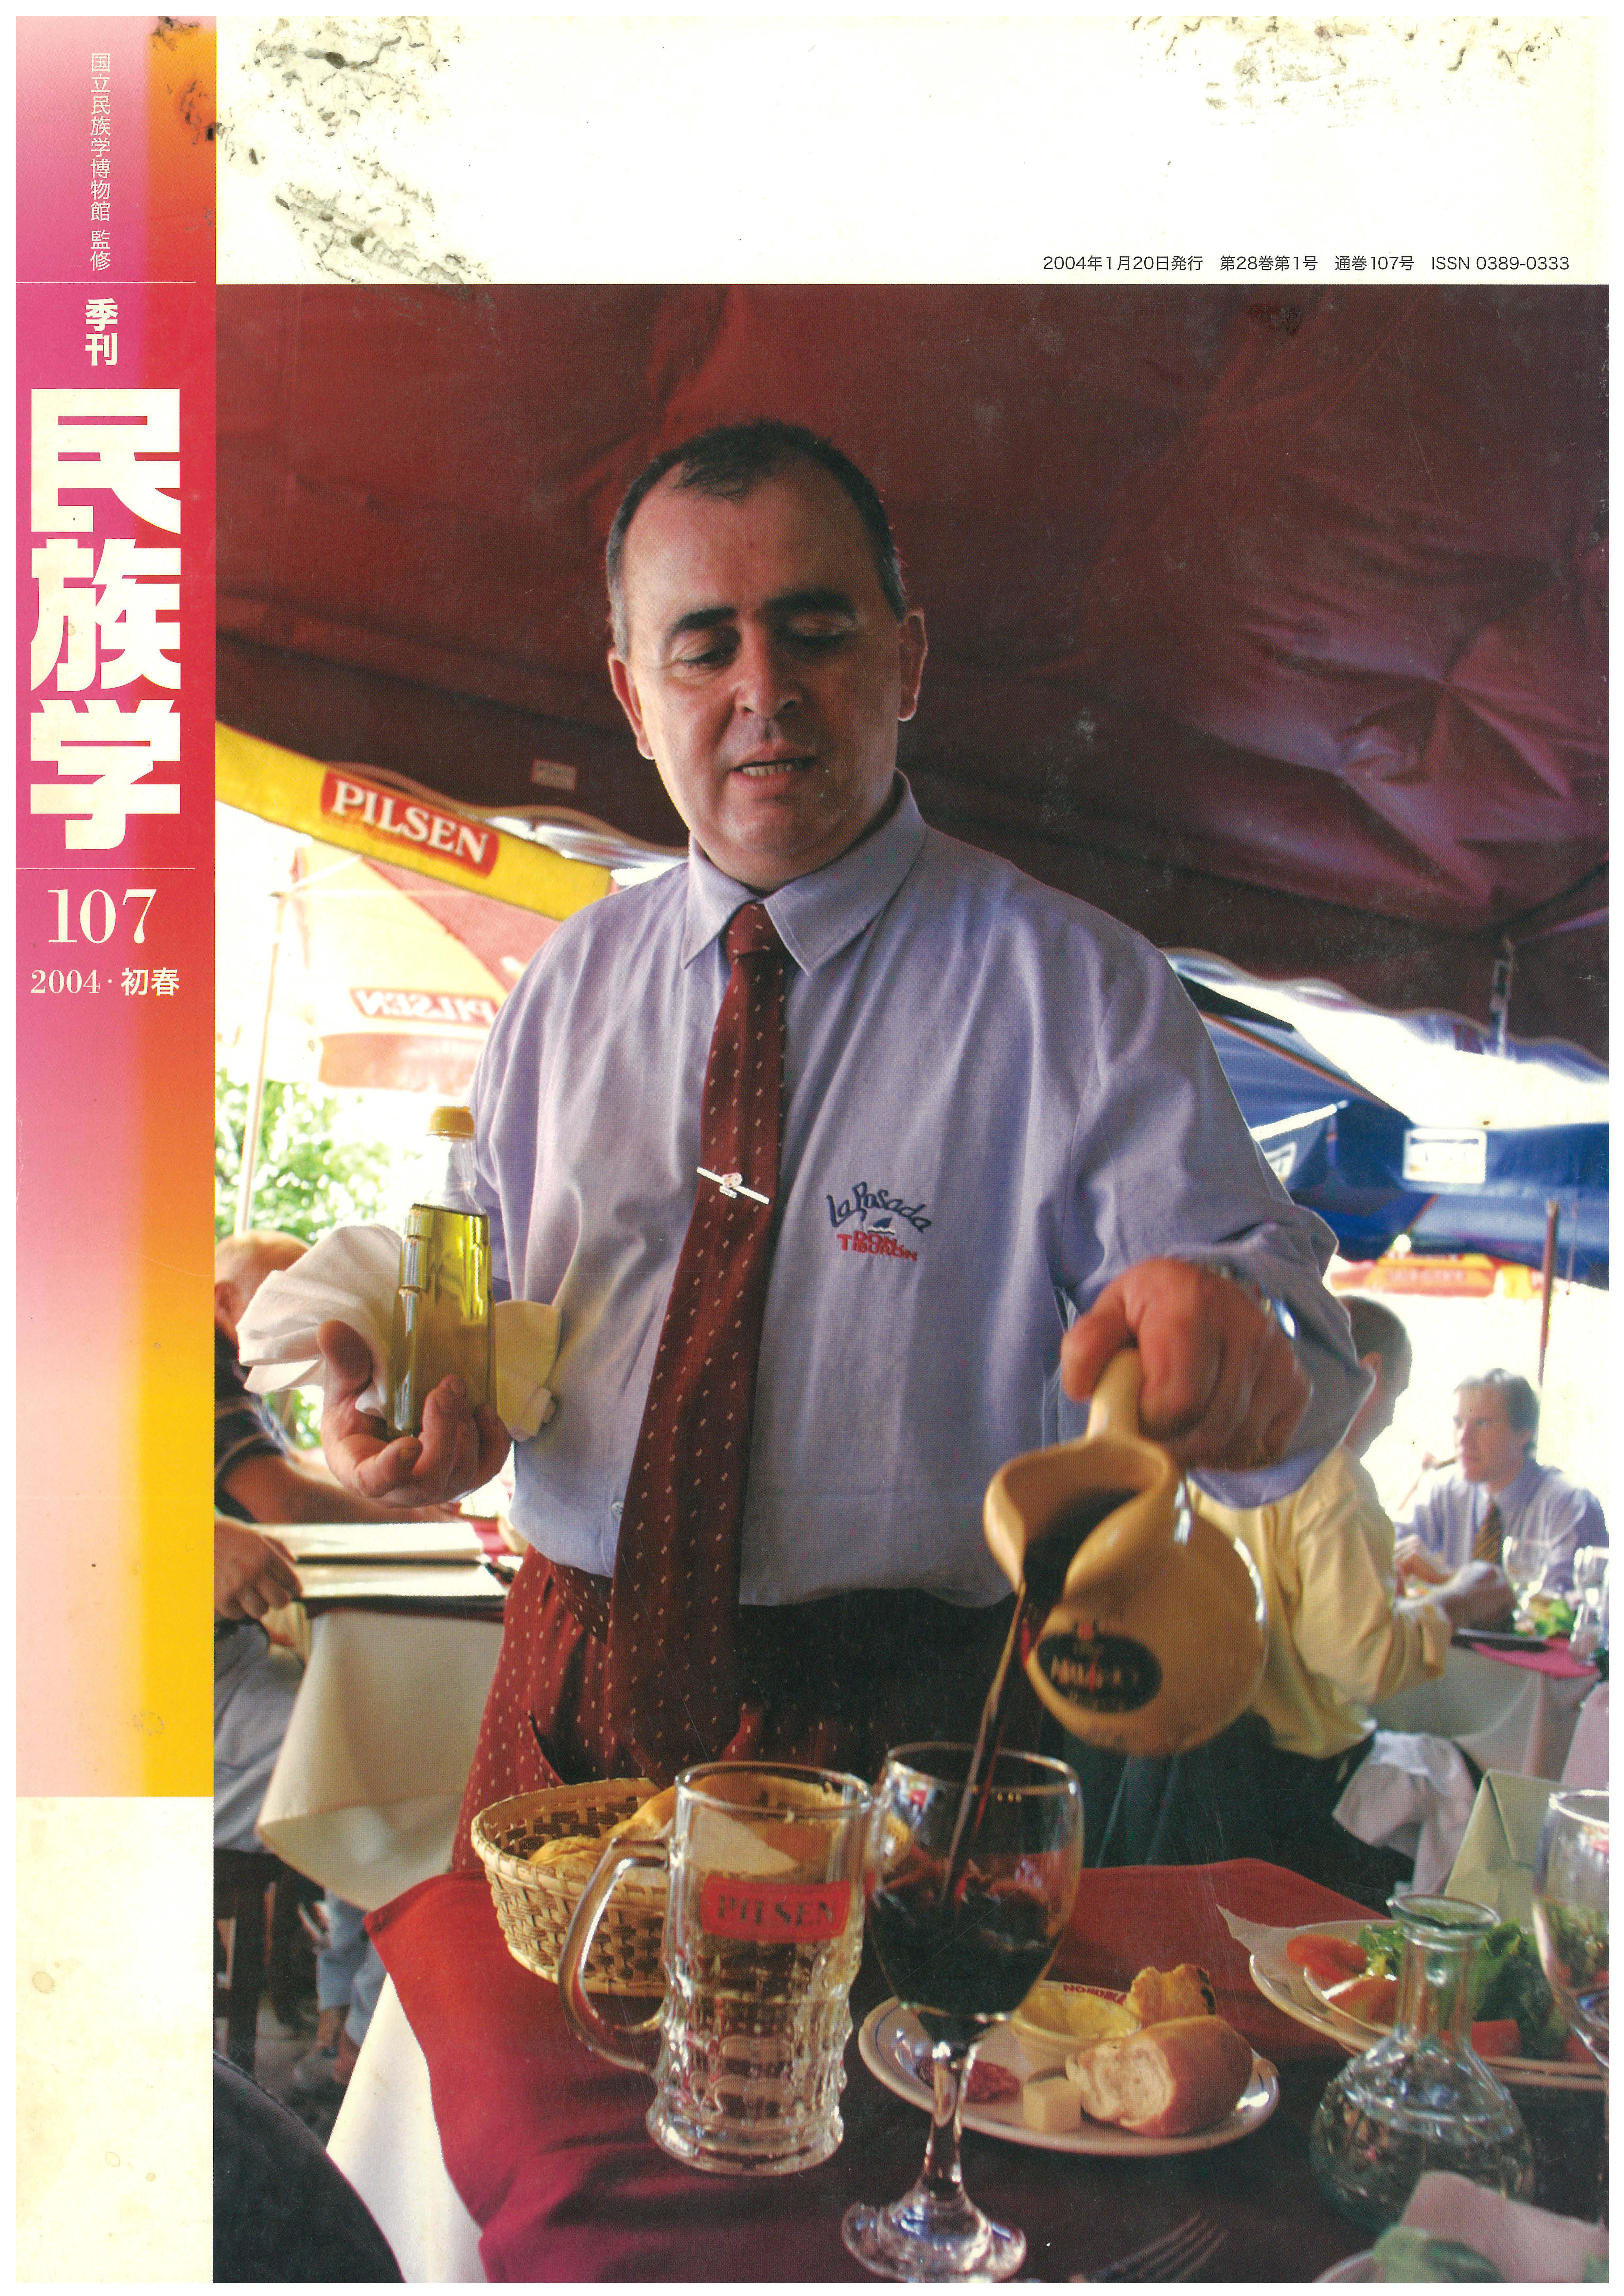 107号 2004年 新春